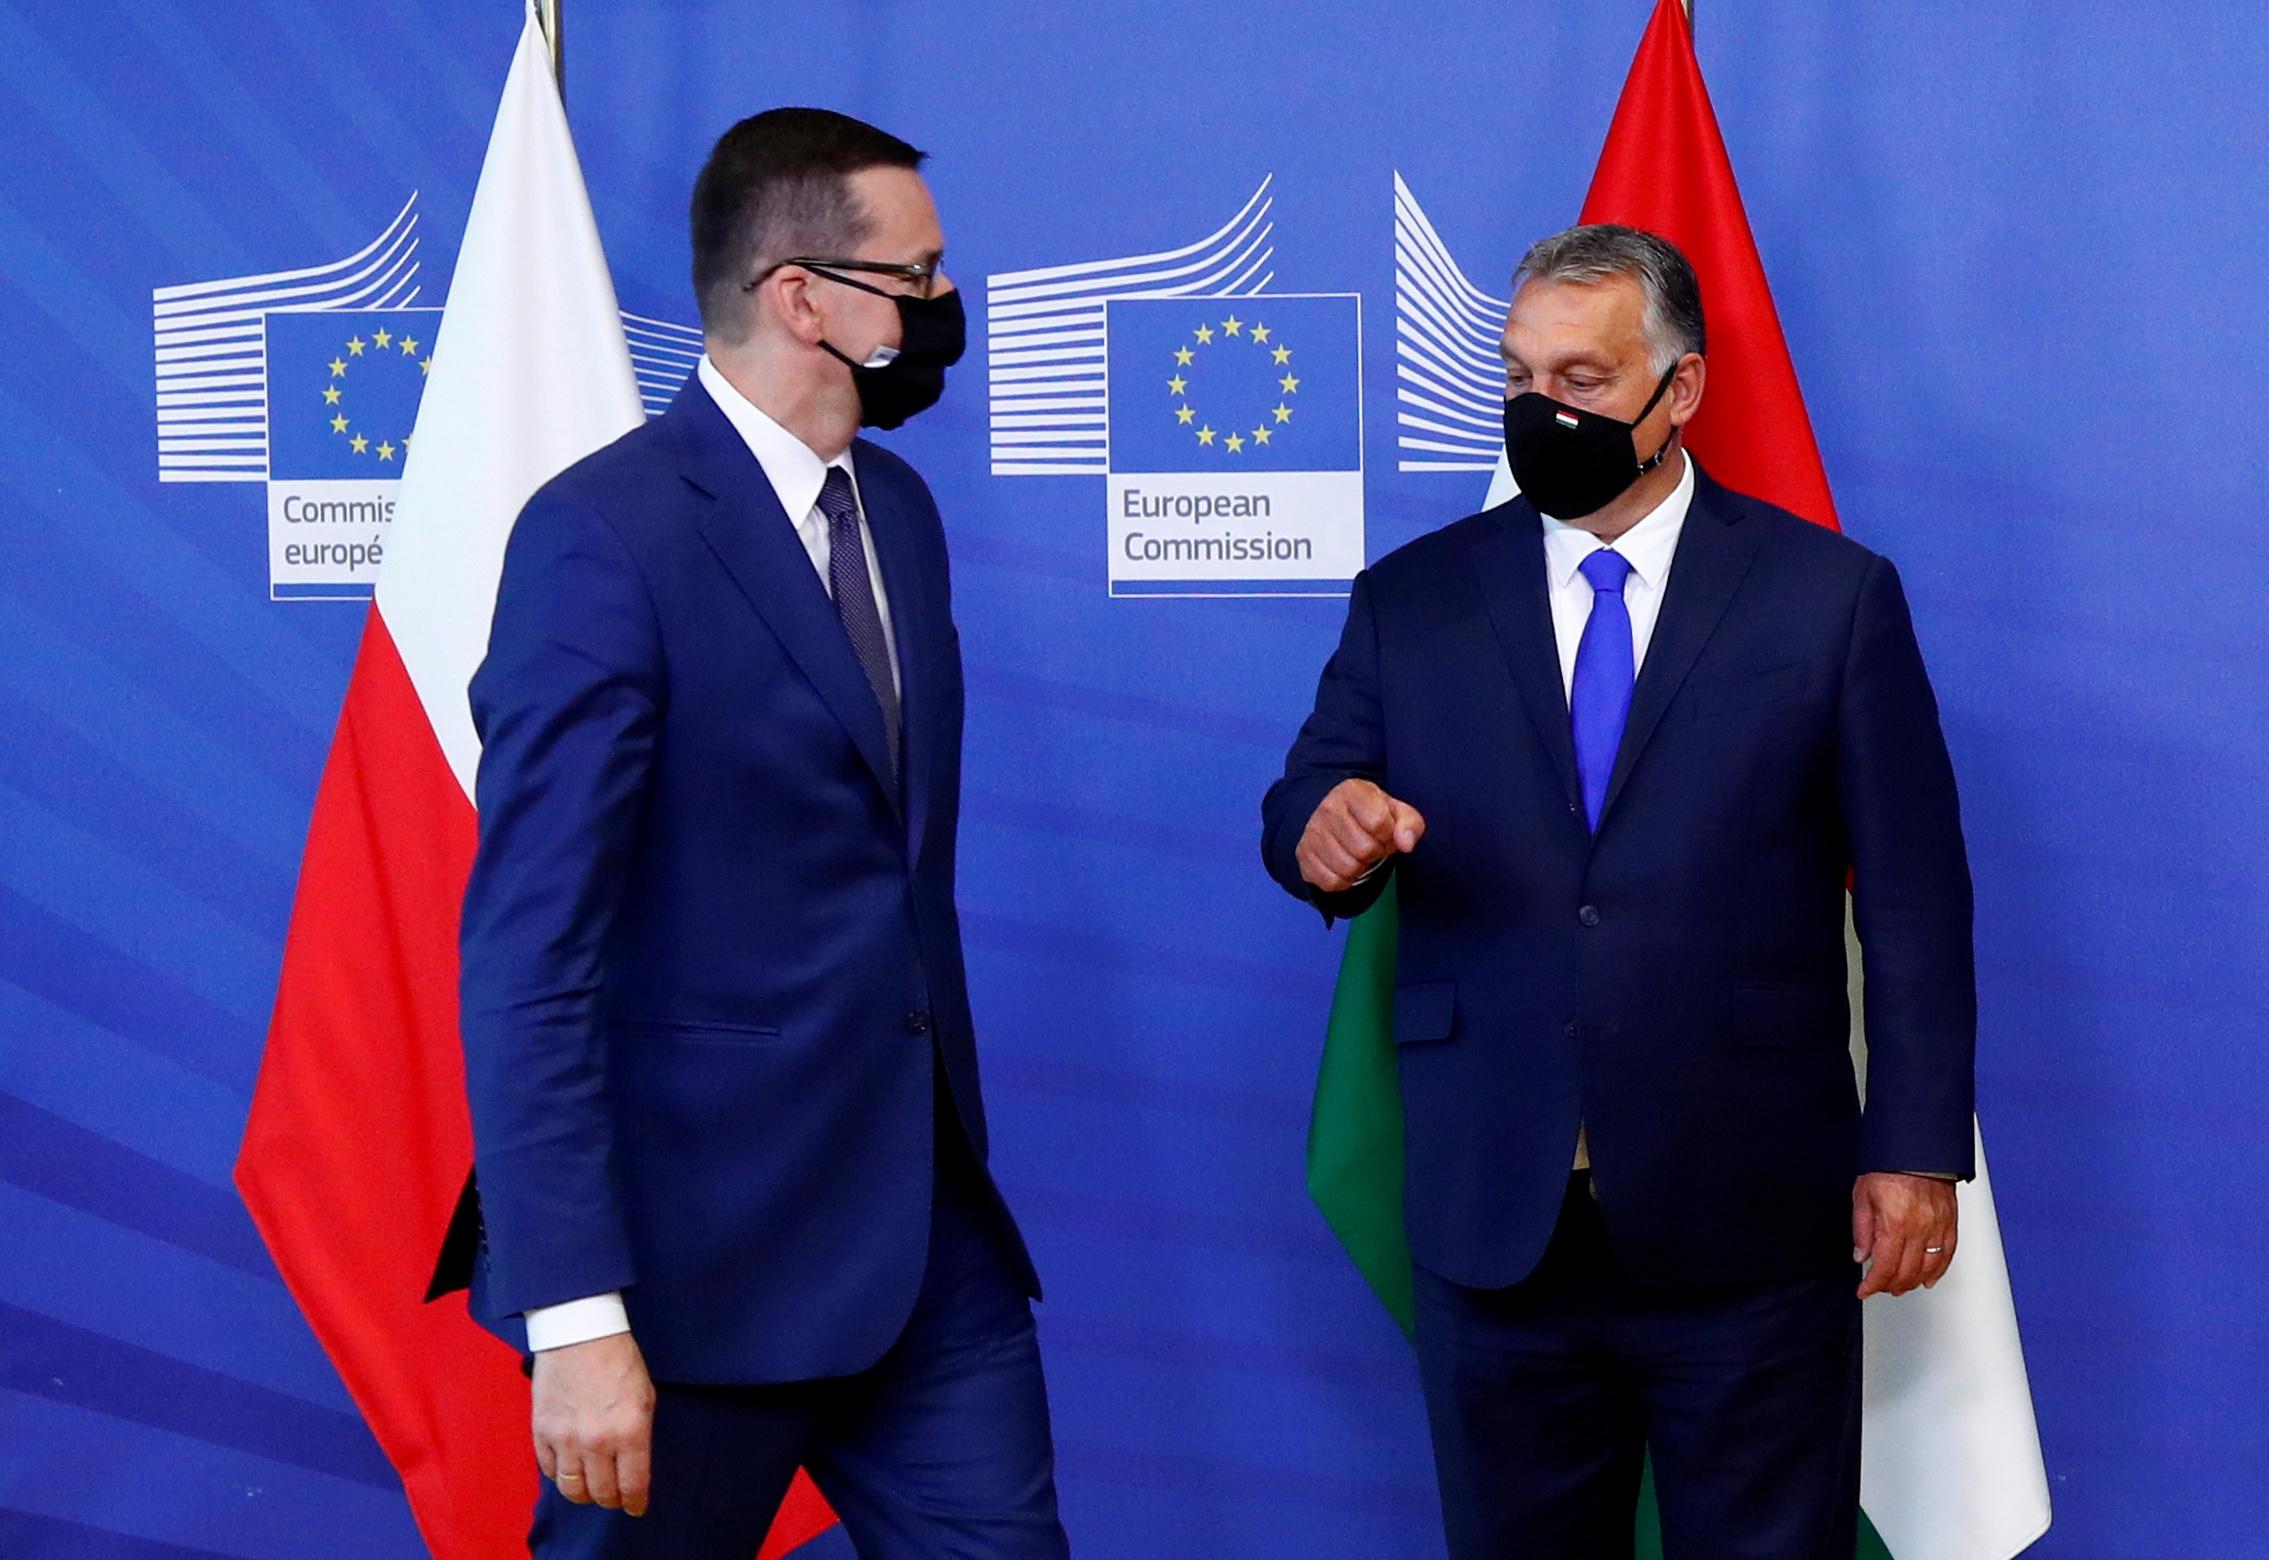 Σύνοδος Κορυφής: Πανηγύρια από Ουγγαρία και Πολωνία μετά το συμβιβασμό για το ταμείο ανασυγκρότησης